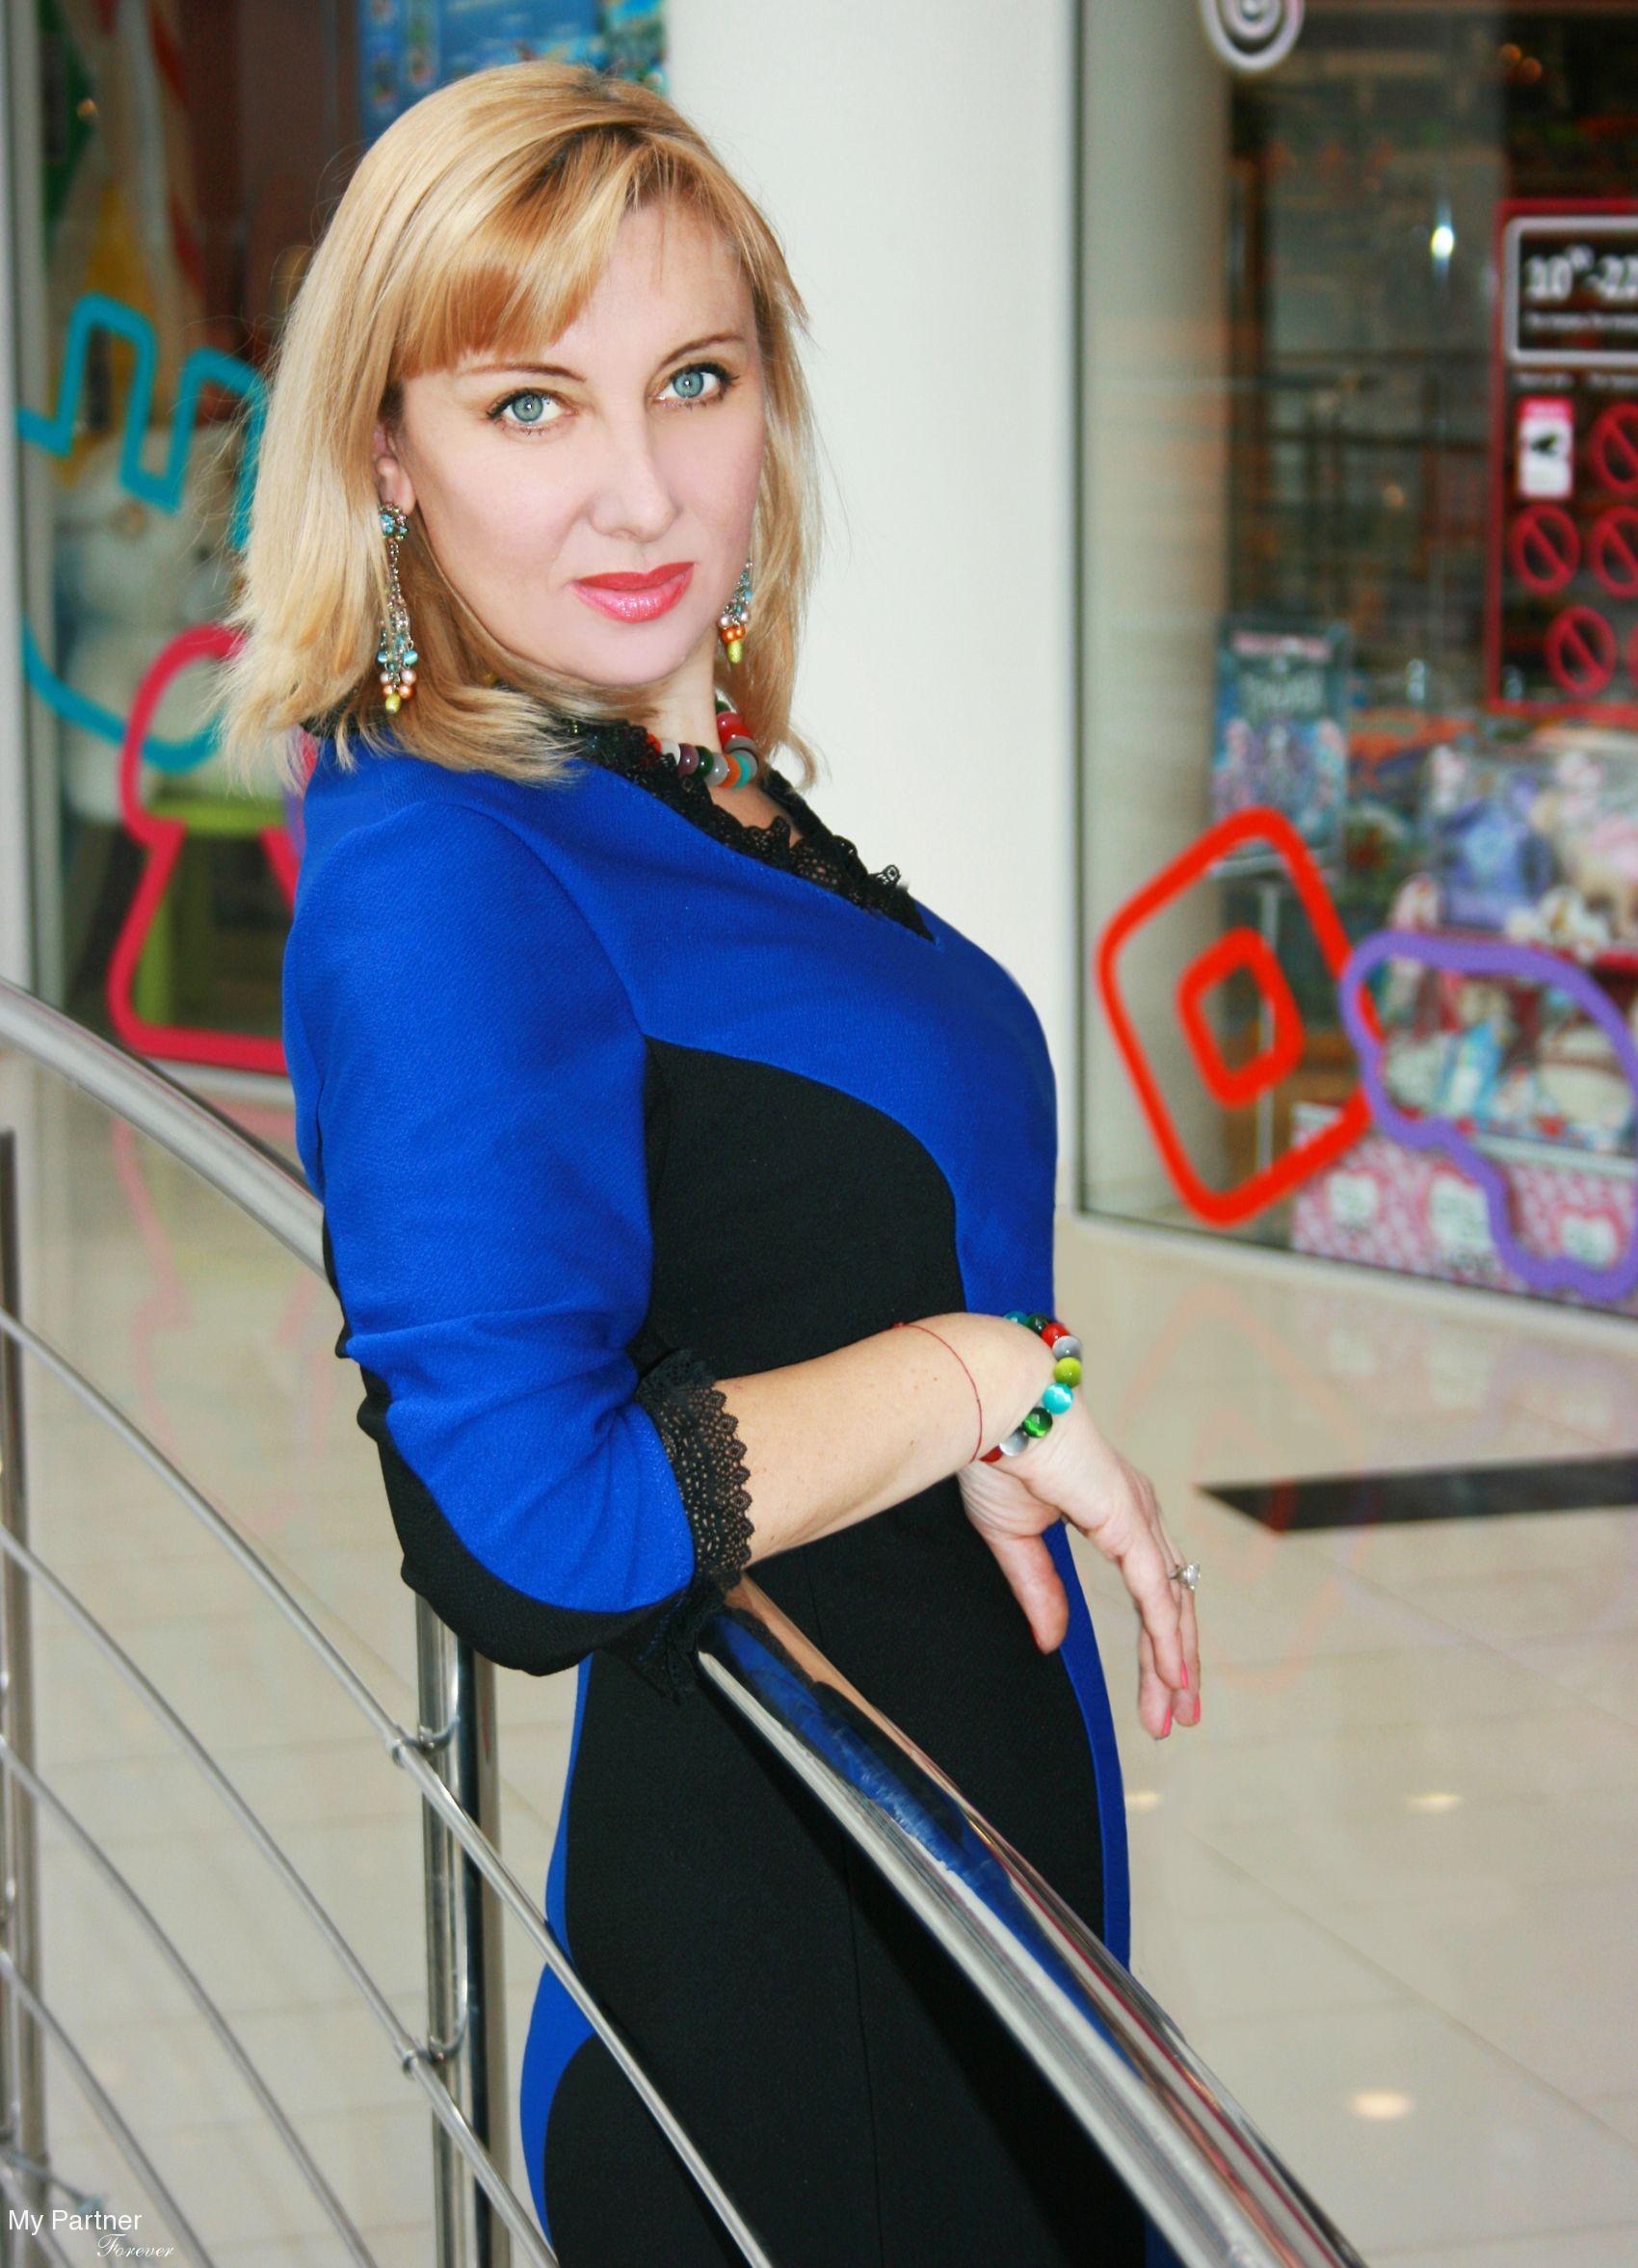 blow jobs porn prostitute odessa ukraine